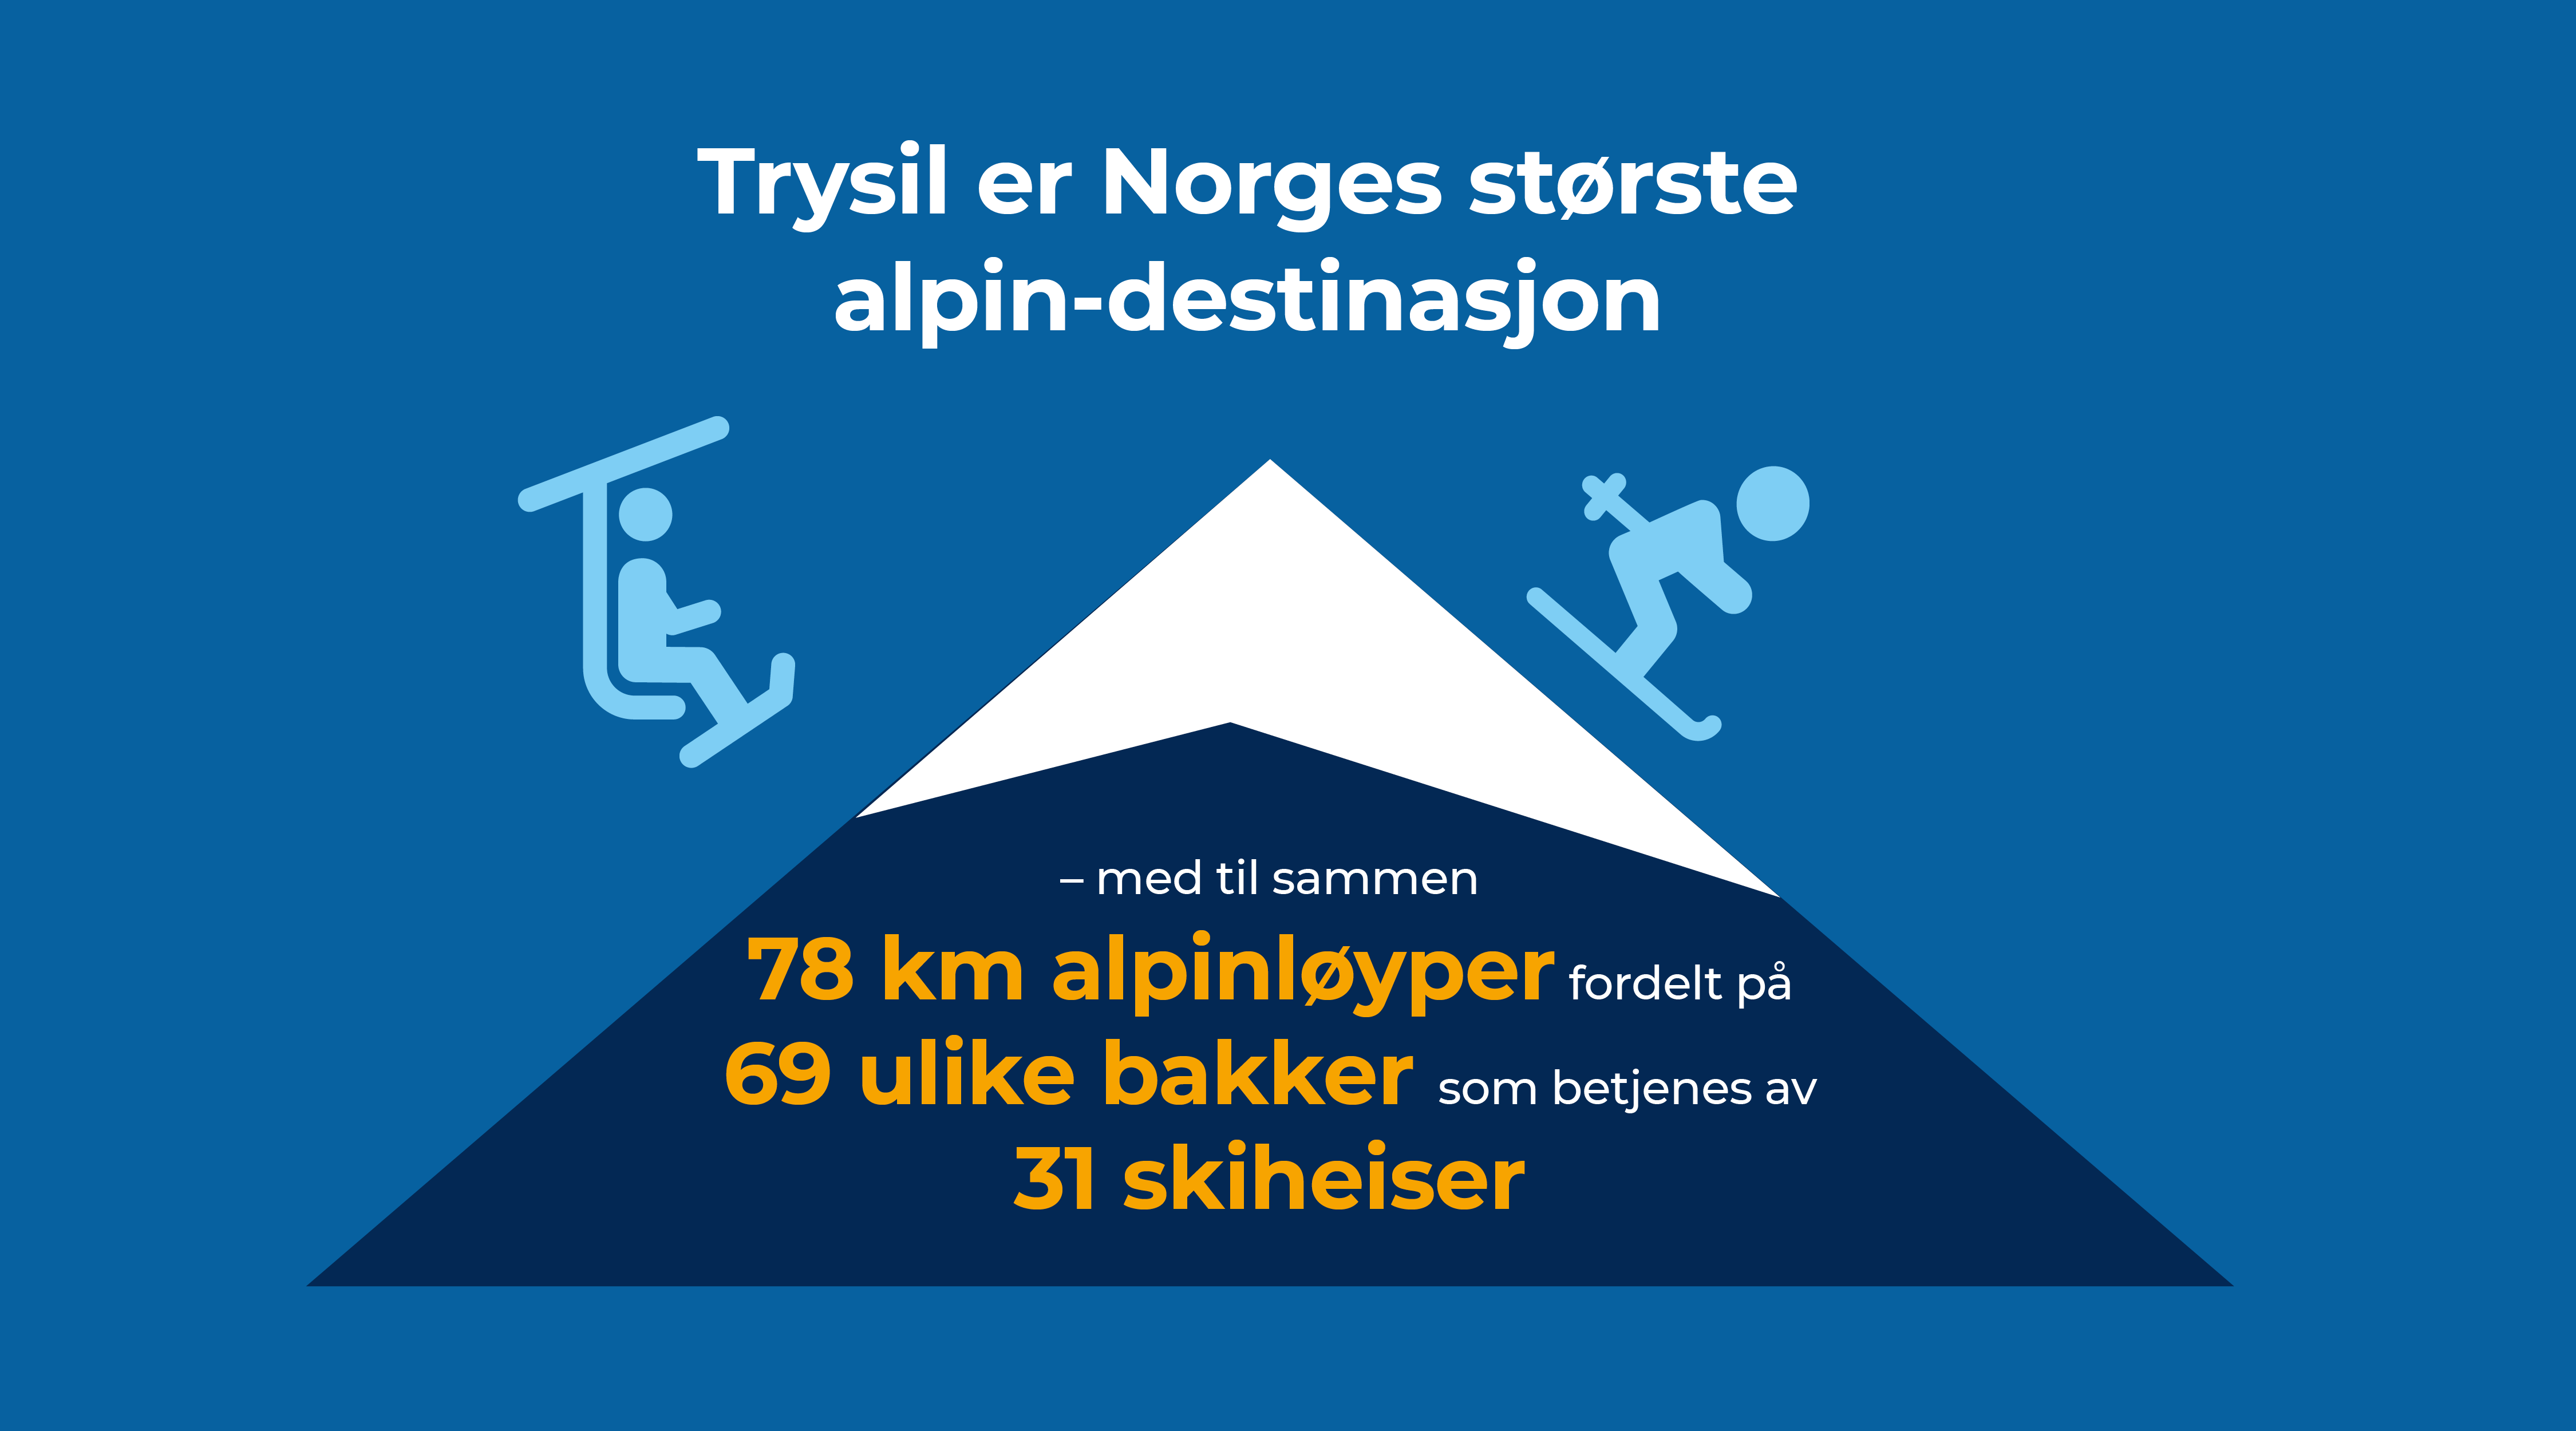 Trysil er Norges største alpin-destinasjon